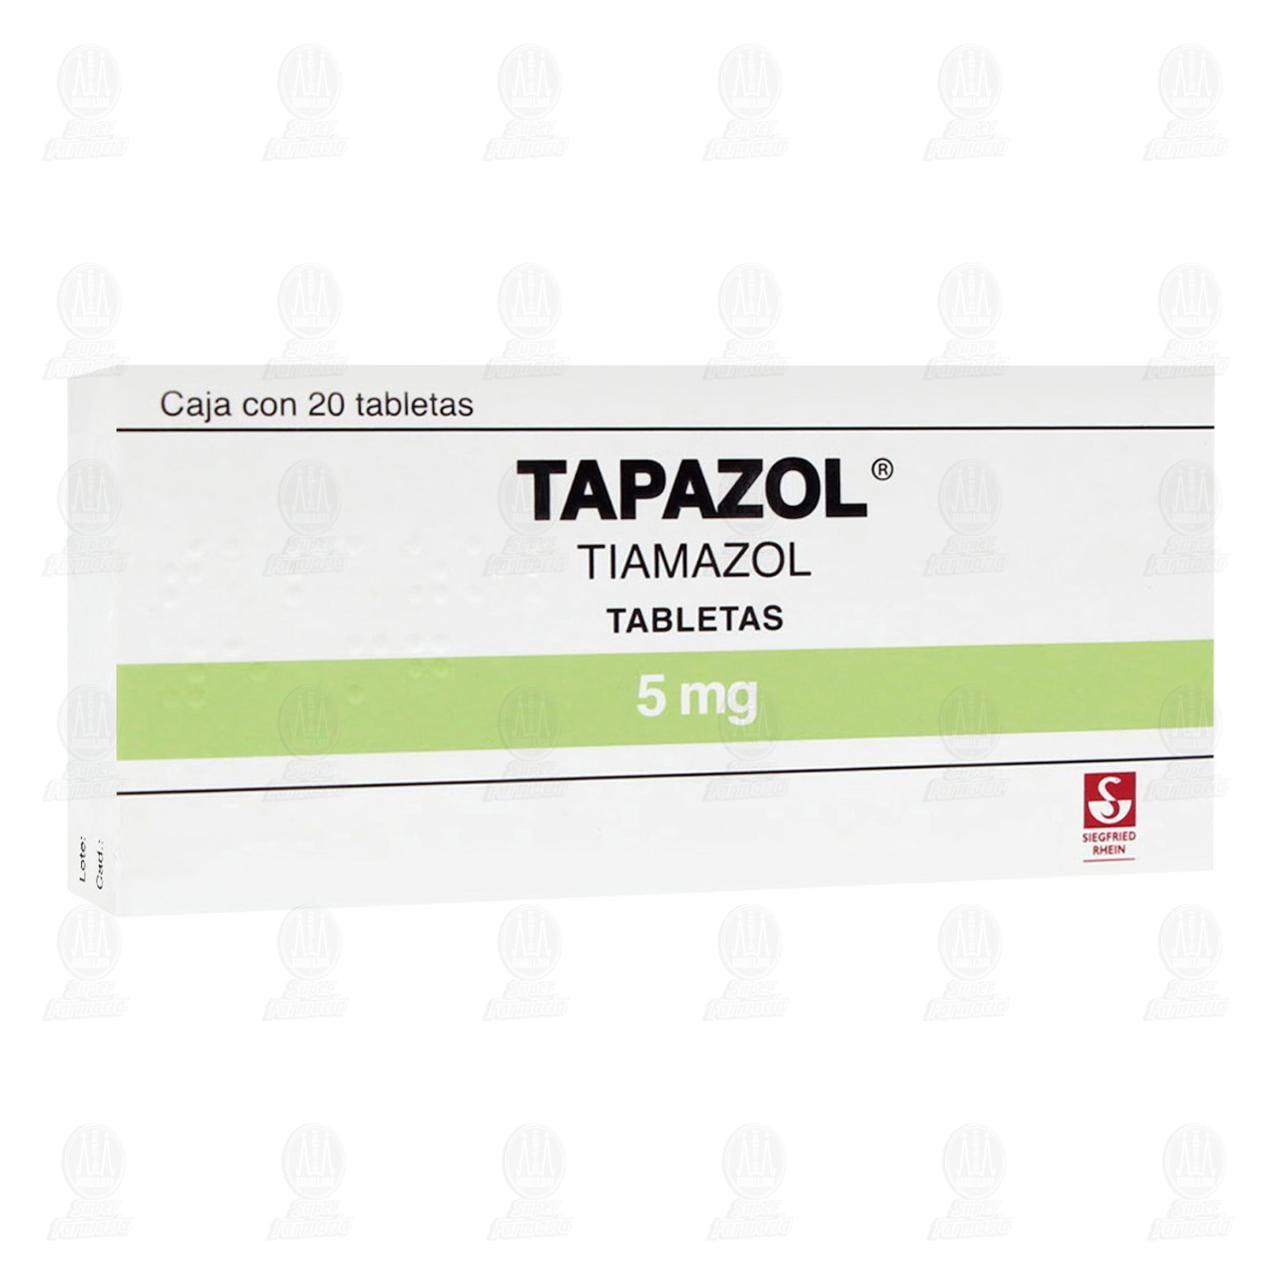 comprar https://www.movil.farmaciasguadalajara.com/wcsstore/FGCAS/wcs/products/6289_A_1280_AL.jpg en farmacias guadalajara